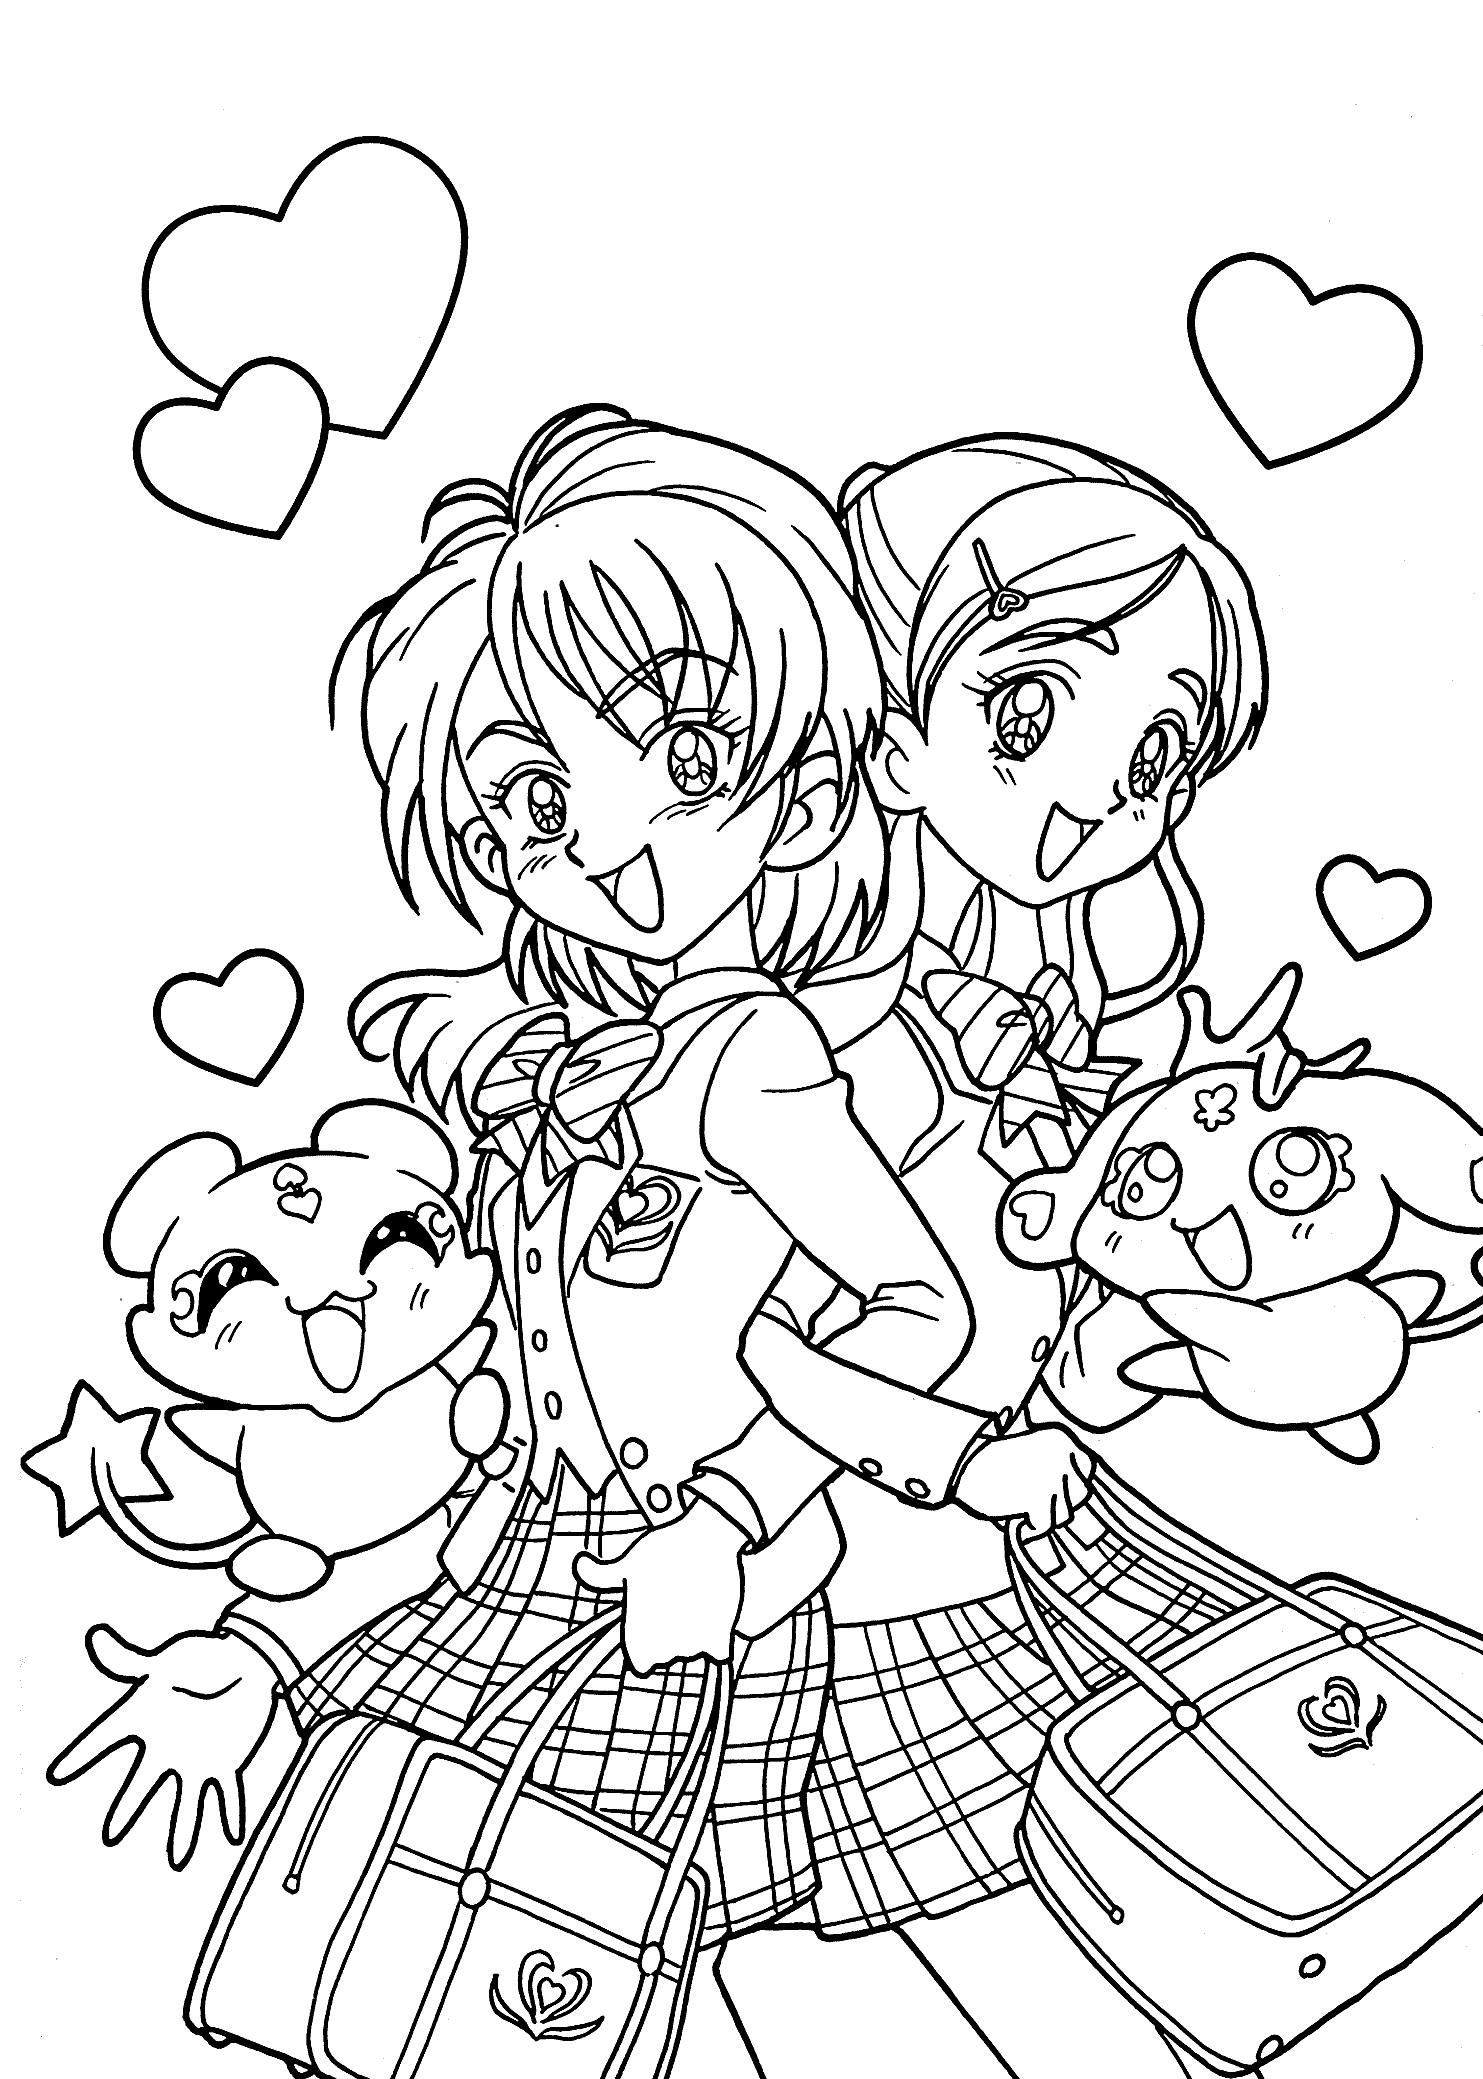 Tranh anime cho bé tô màu (2)